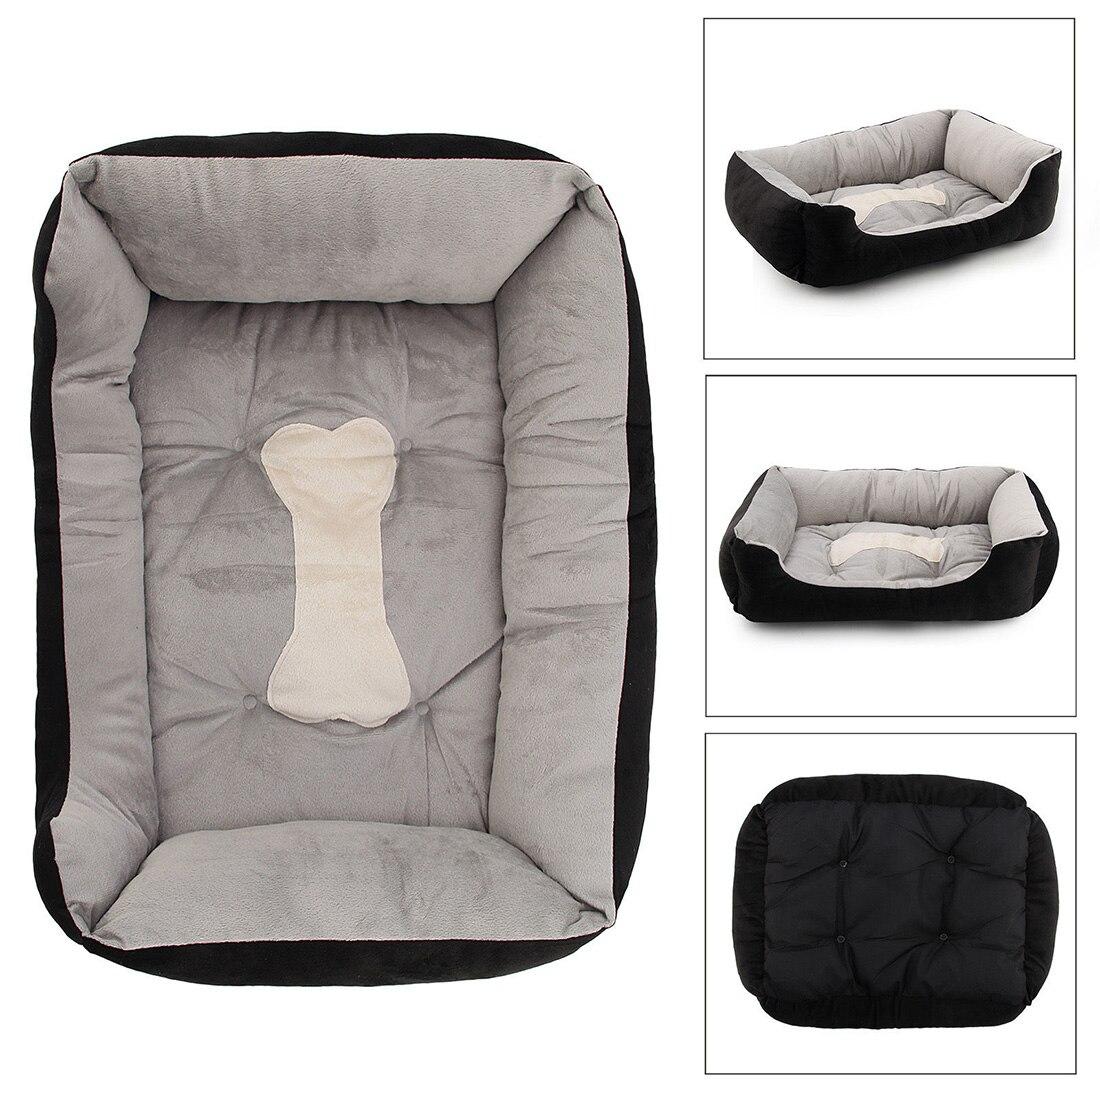 Extra Large Luxury Washable Pet Dog Puppy Cat Bed Cushion Soft Mat Warmer Basket